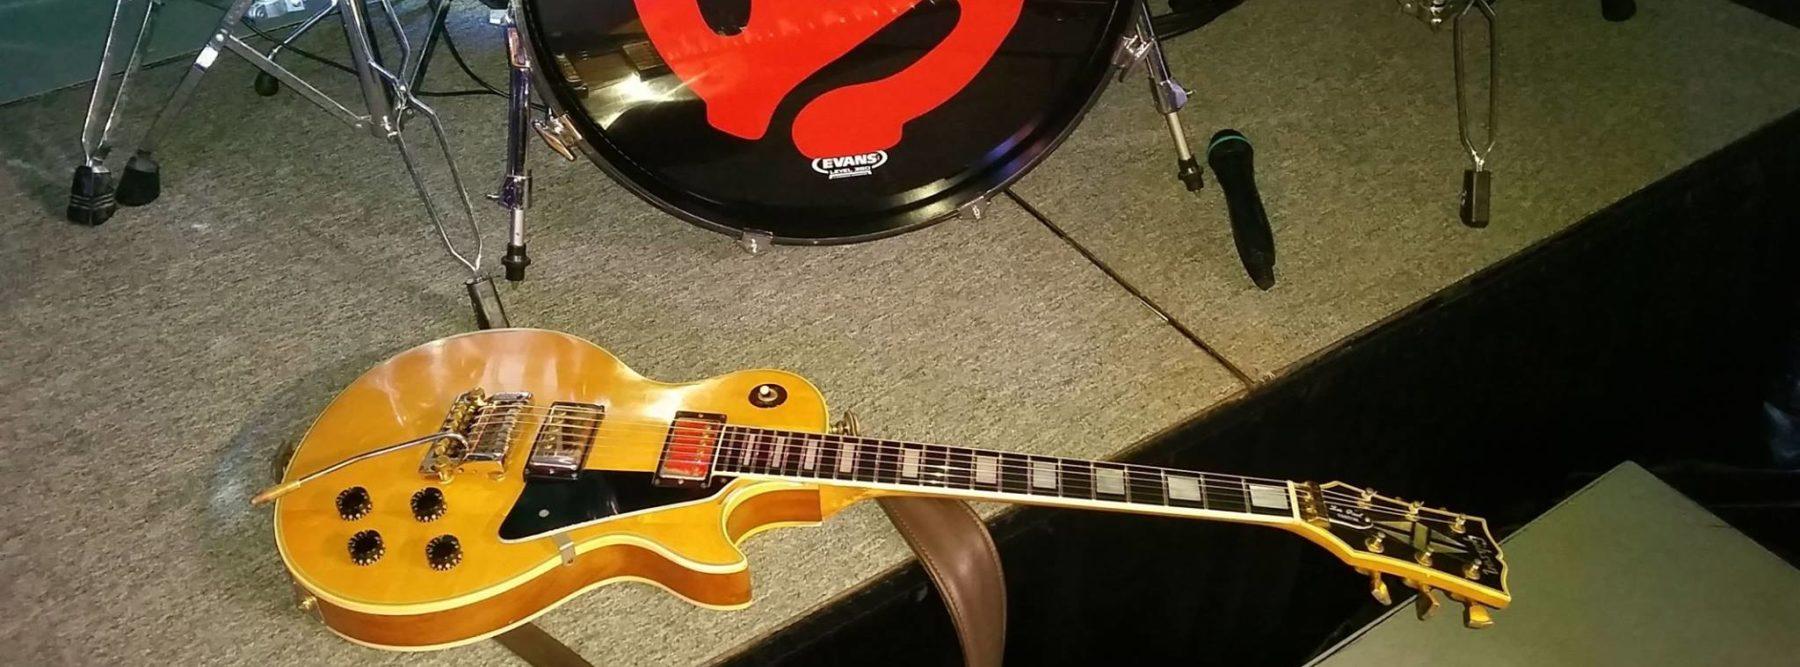 79 Les Paul